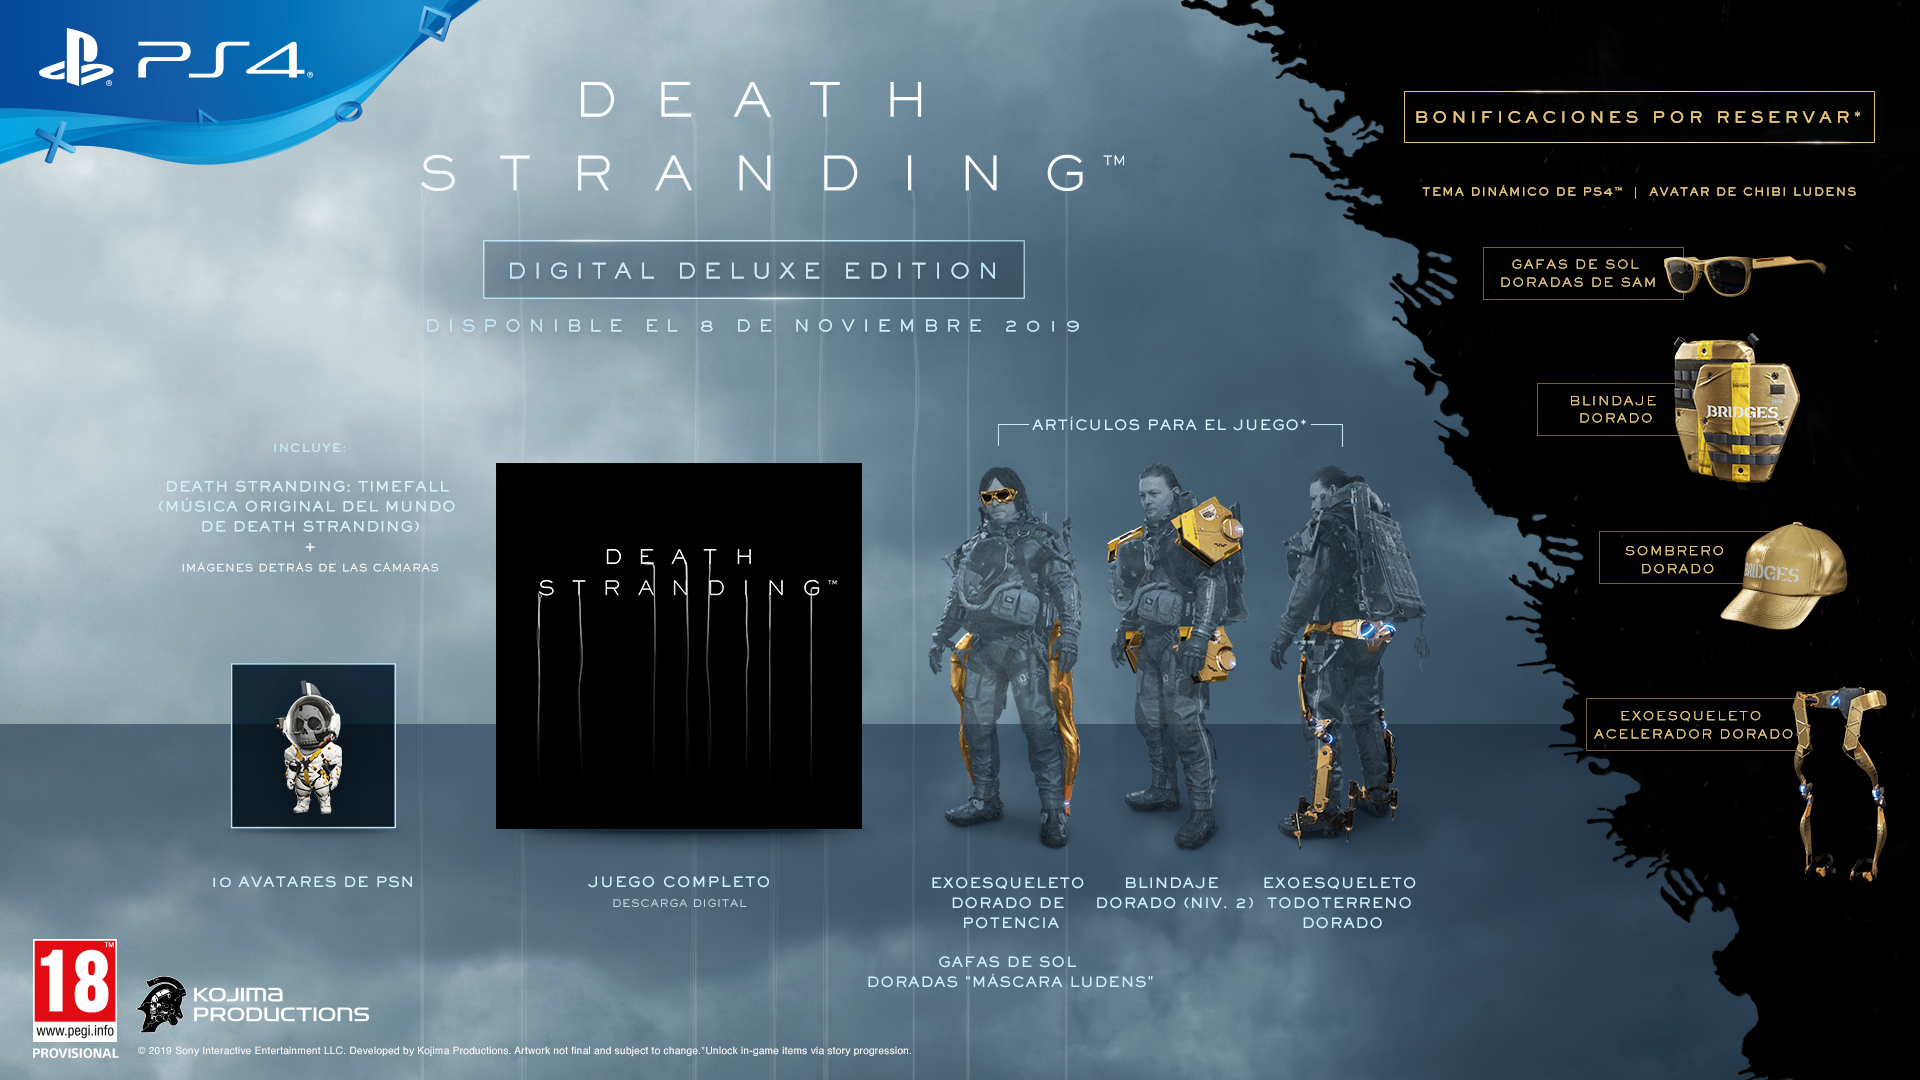 Resultado de imagen de death stranding Digital Deluxe Edition